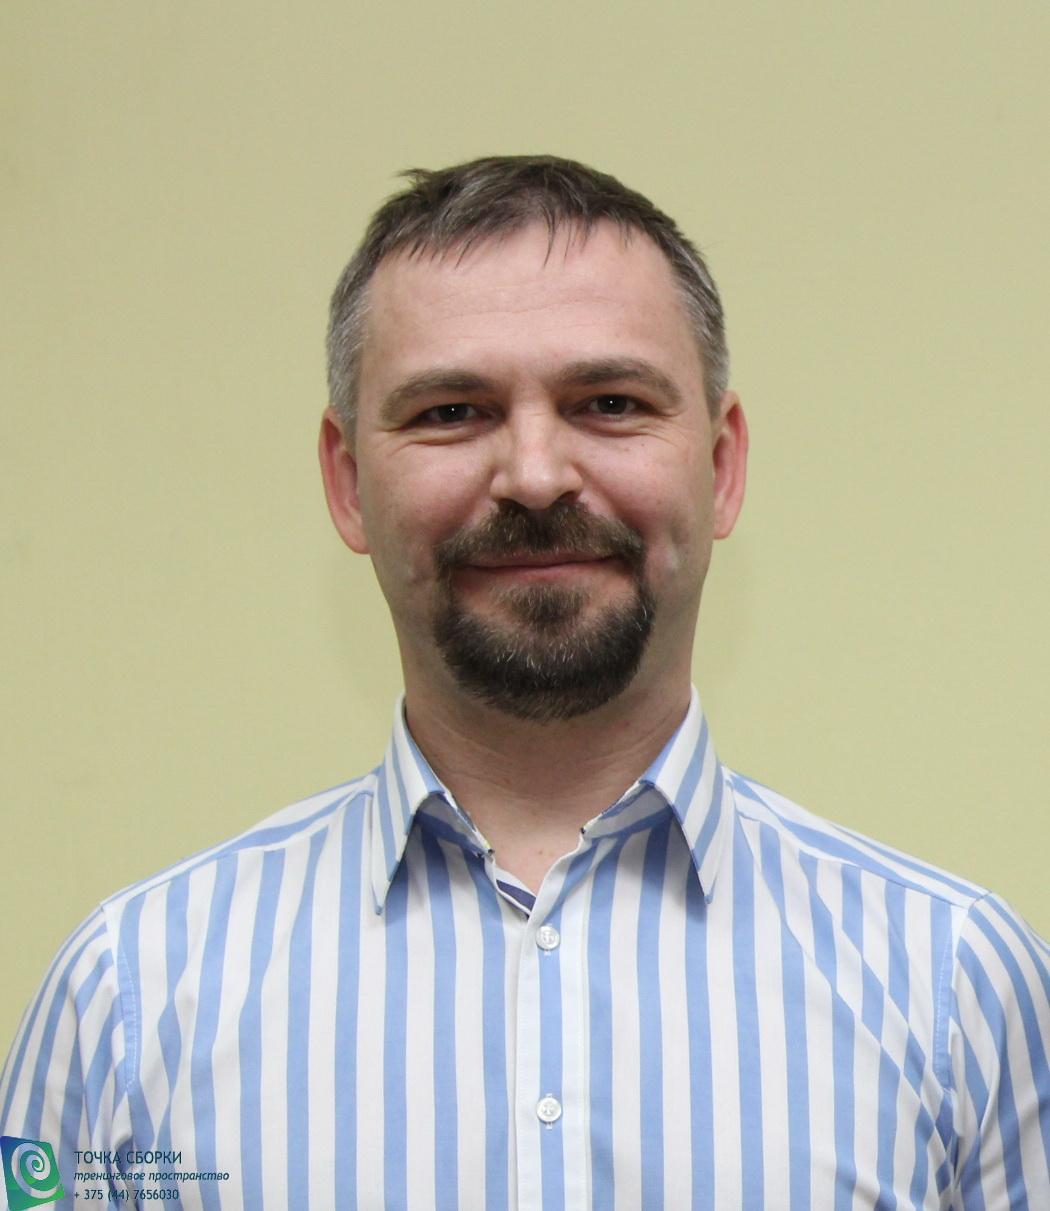 Интервью с Александром Бельцером